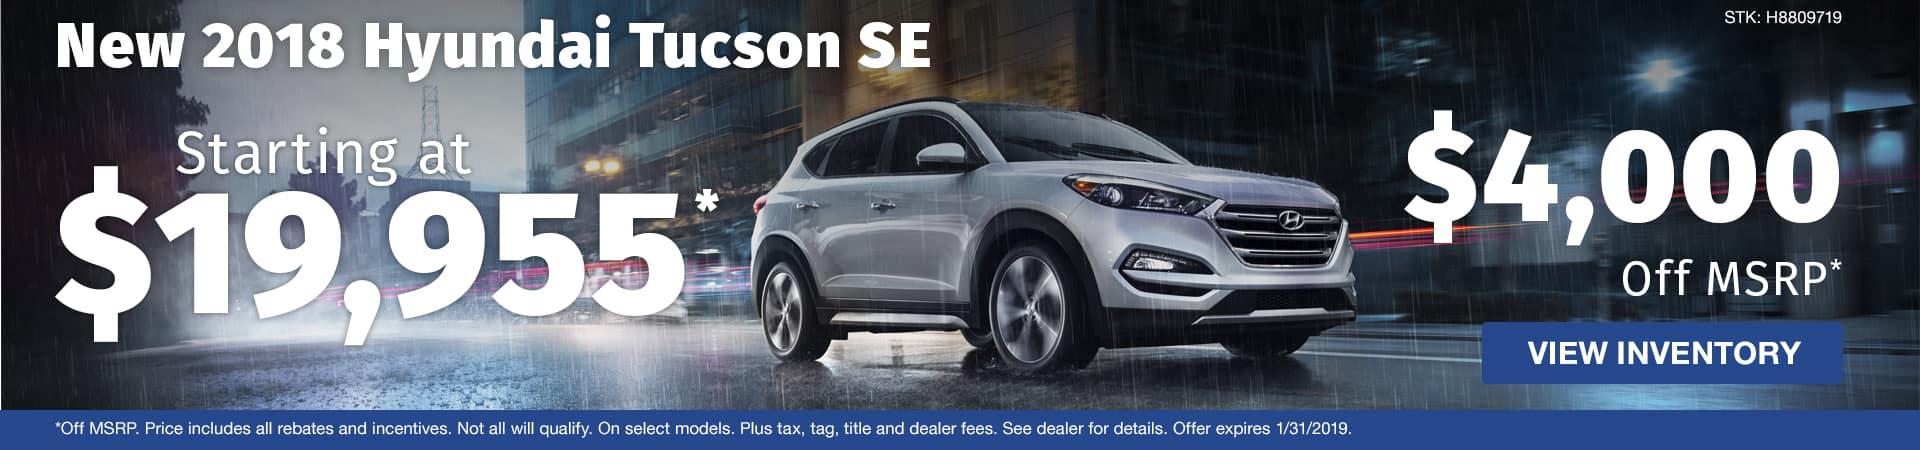 Save $4,000 off a new 2018 Hyundai Tucson SE in Murfreesboro TN